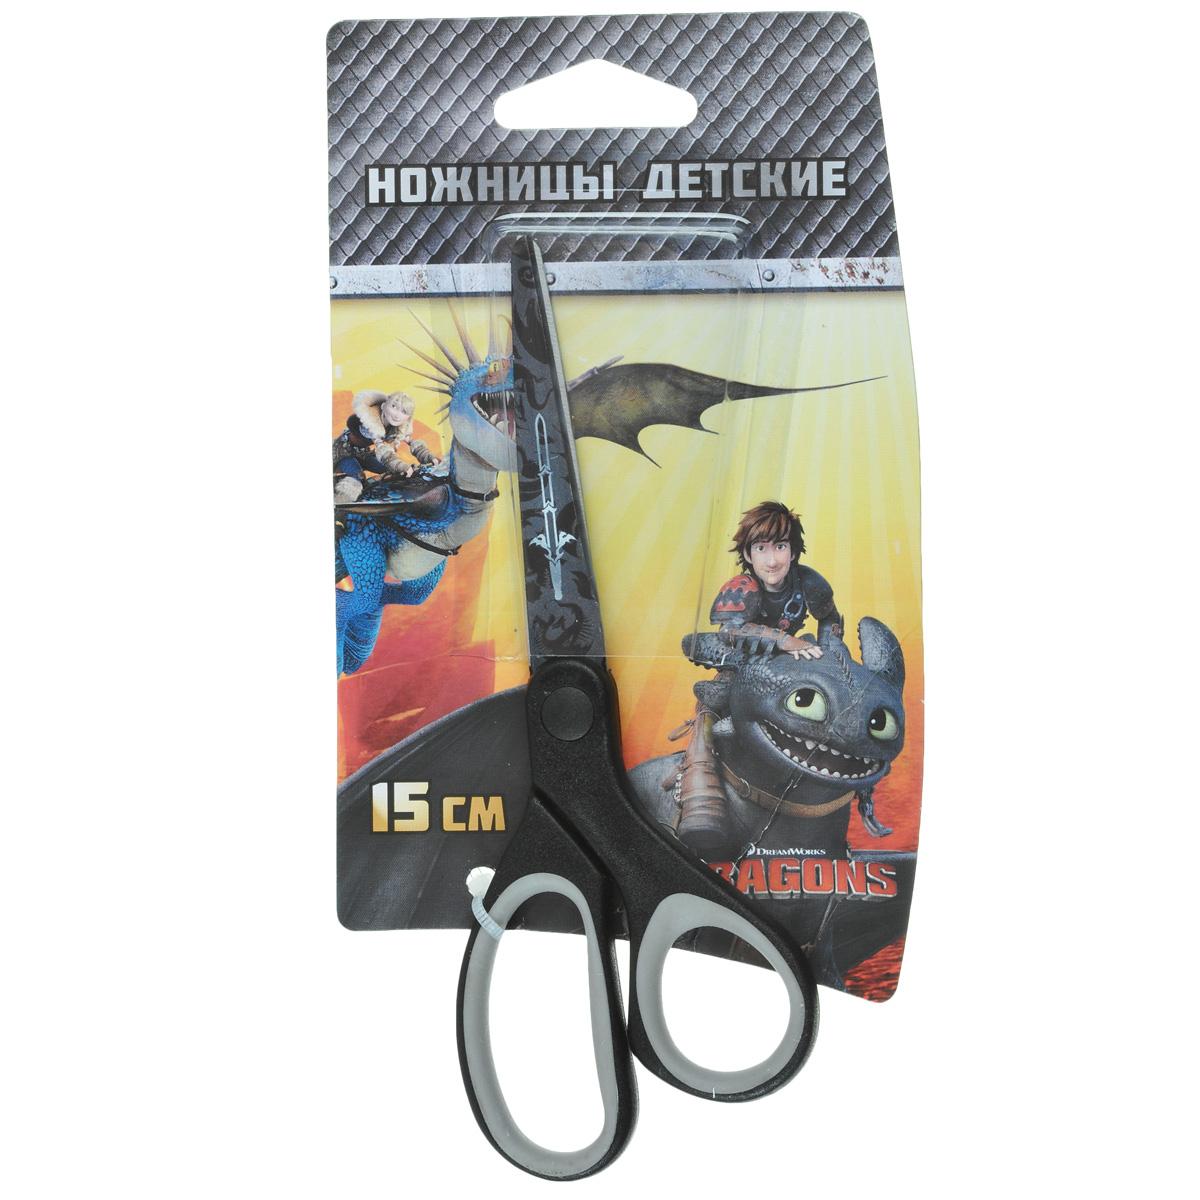 Ножницы детские Action Dragons, цвет: черныйFS-36052Детские ножницы Action Dragons с безопасными закругленными лезвиями изготовлены из высококачественной нержавеющей стали. Лезвия с наружной стороны оформлены декоративным рисунком. Облегченные ручки ножниц адаптированы для детской руки.Вашему ребенку будет настоящим удовольствием делать с ножницами Action Dragons различные аппликации из бумаги или других материалов.